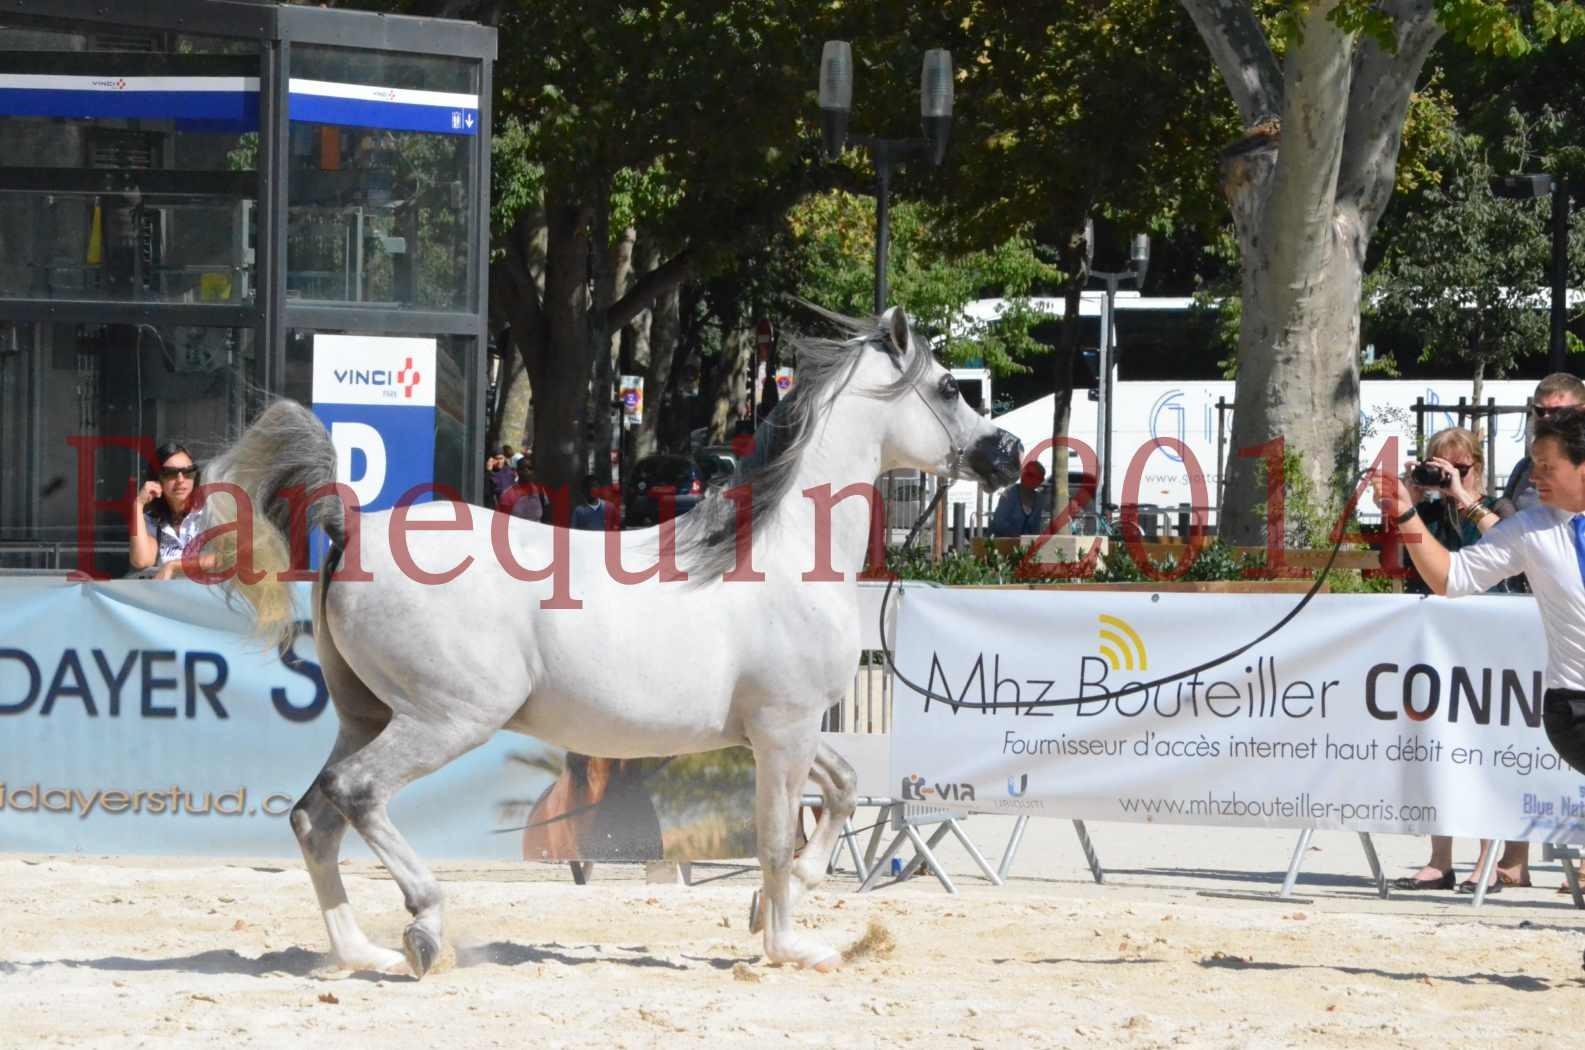 Concours National de Nîmes de chevaux ARABES 2014 - Sélection - SHAOLIN DE NEDJAIA - 28